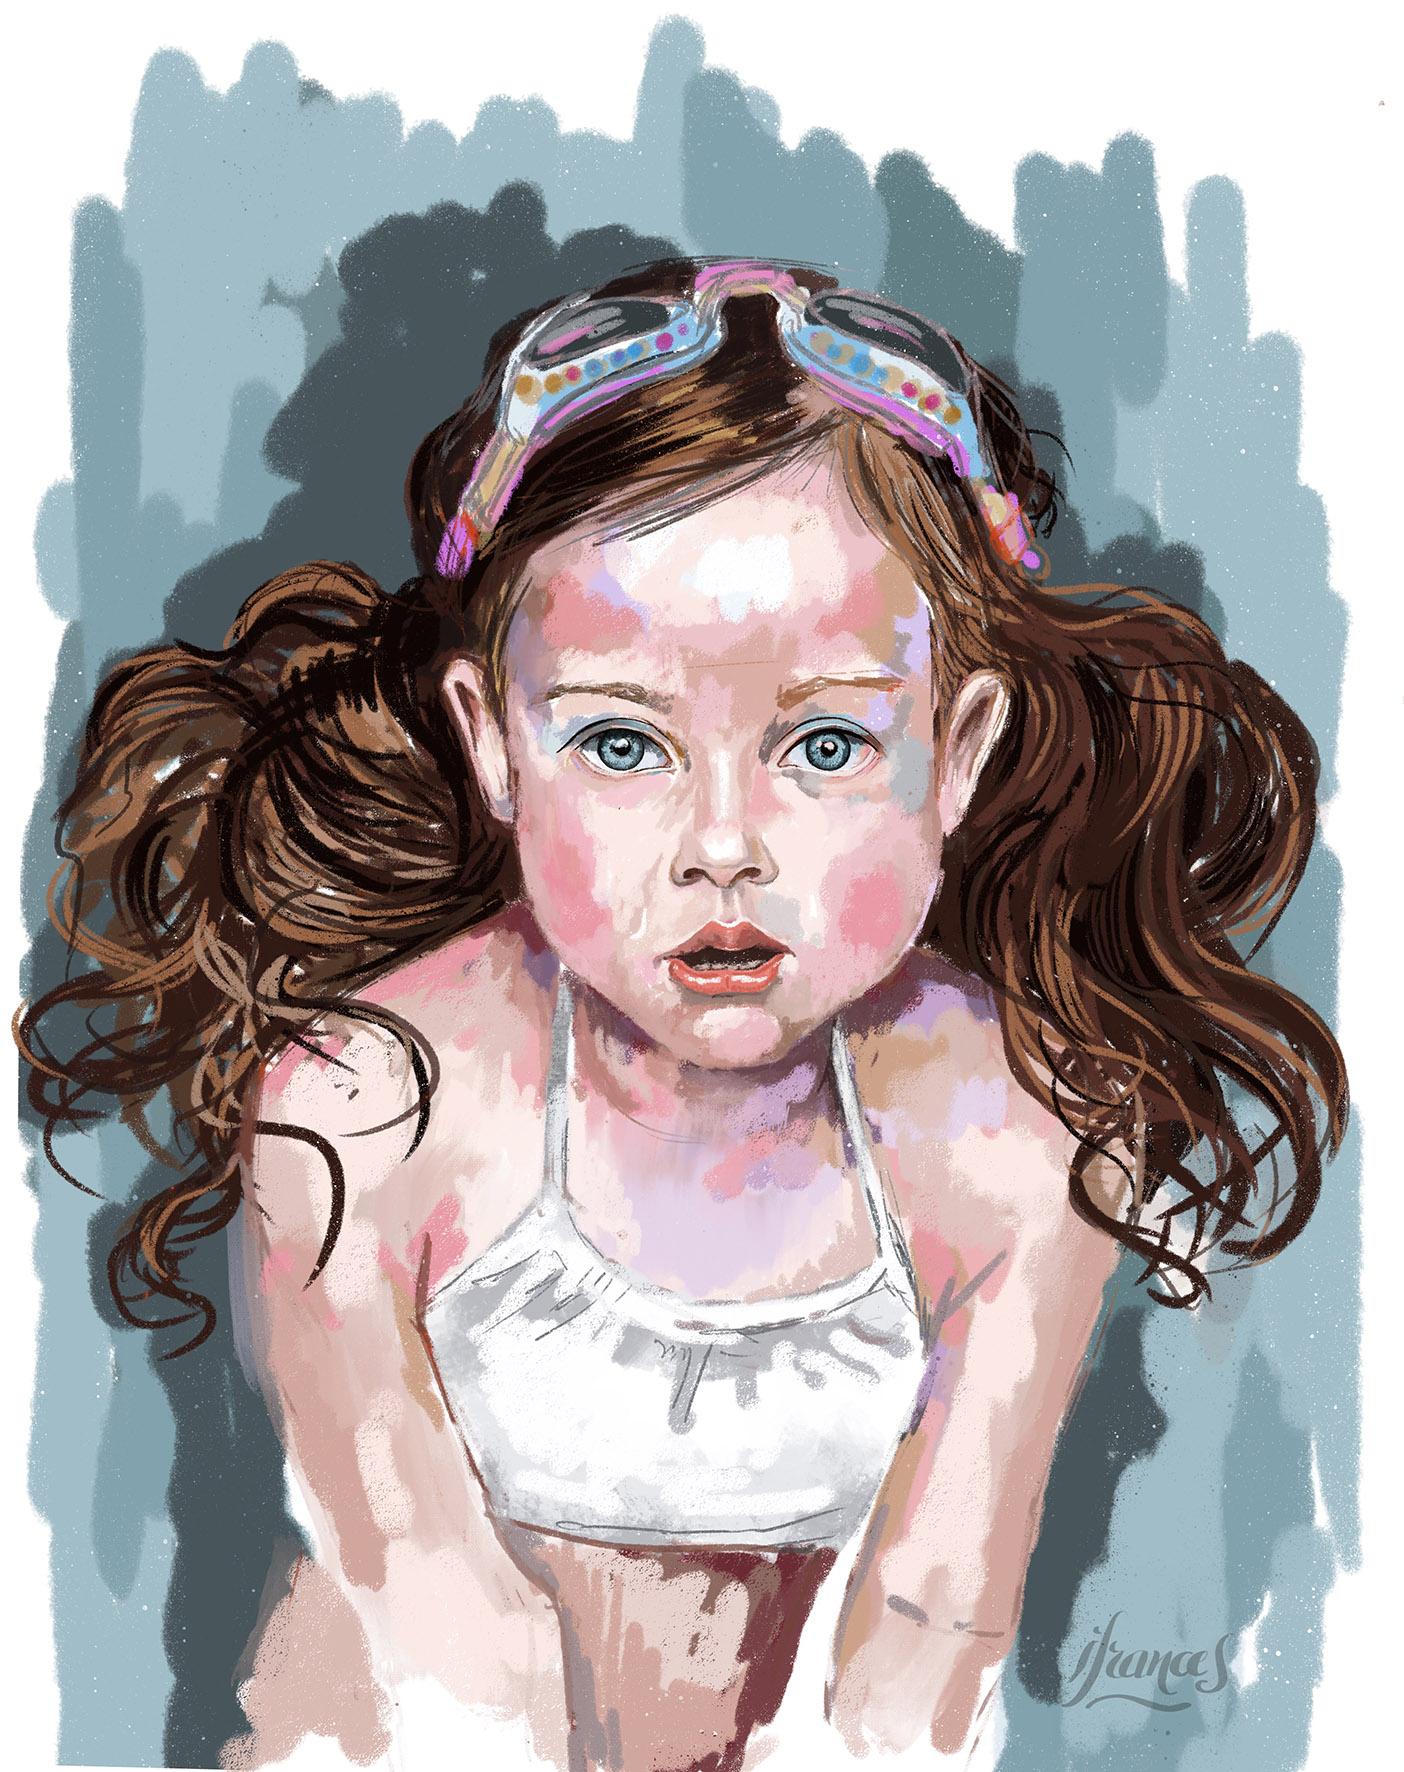 Peinture numérique -I.Frances 2021